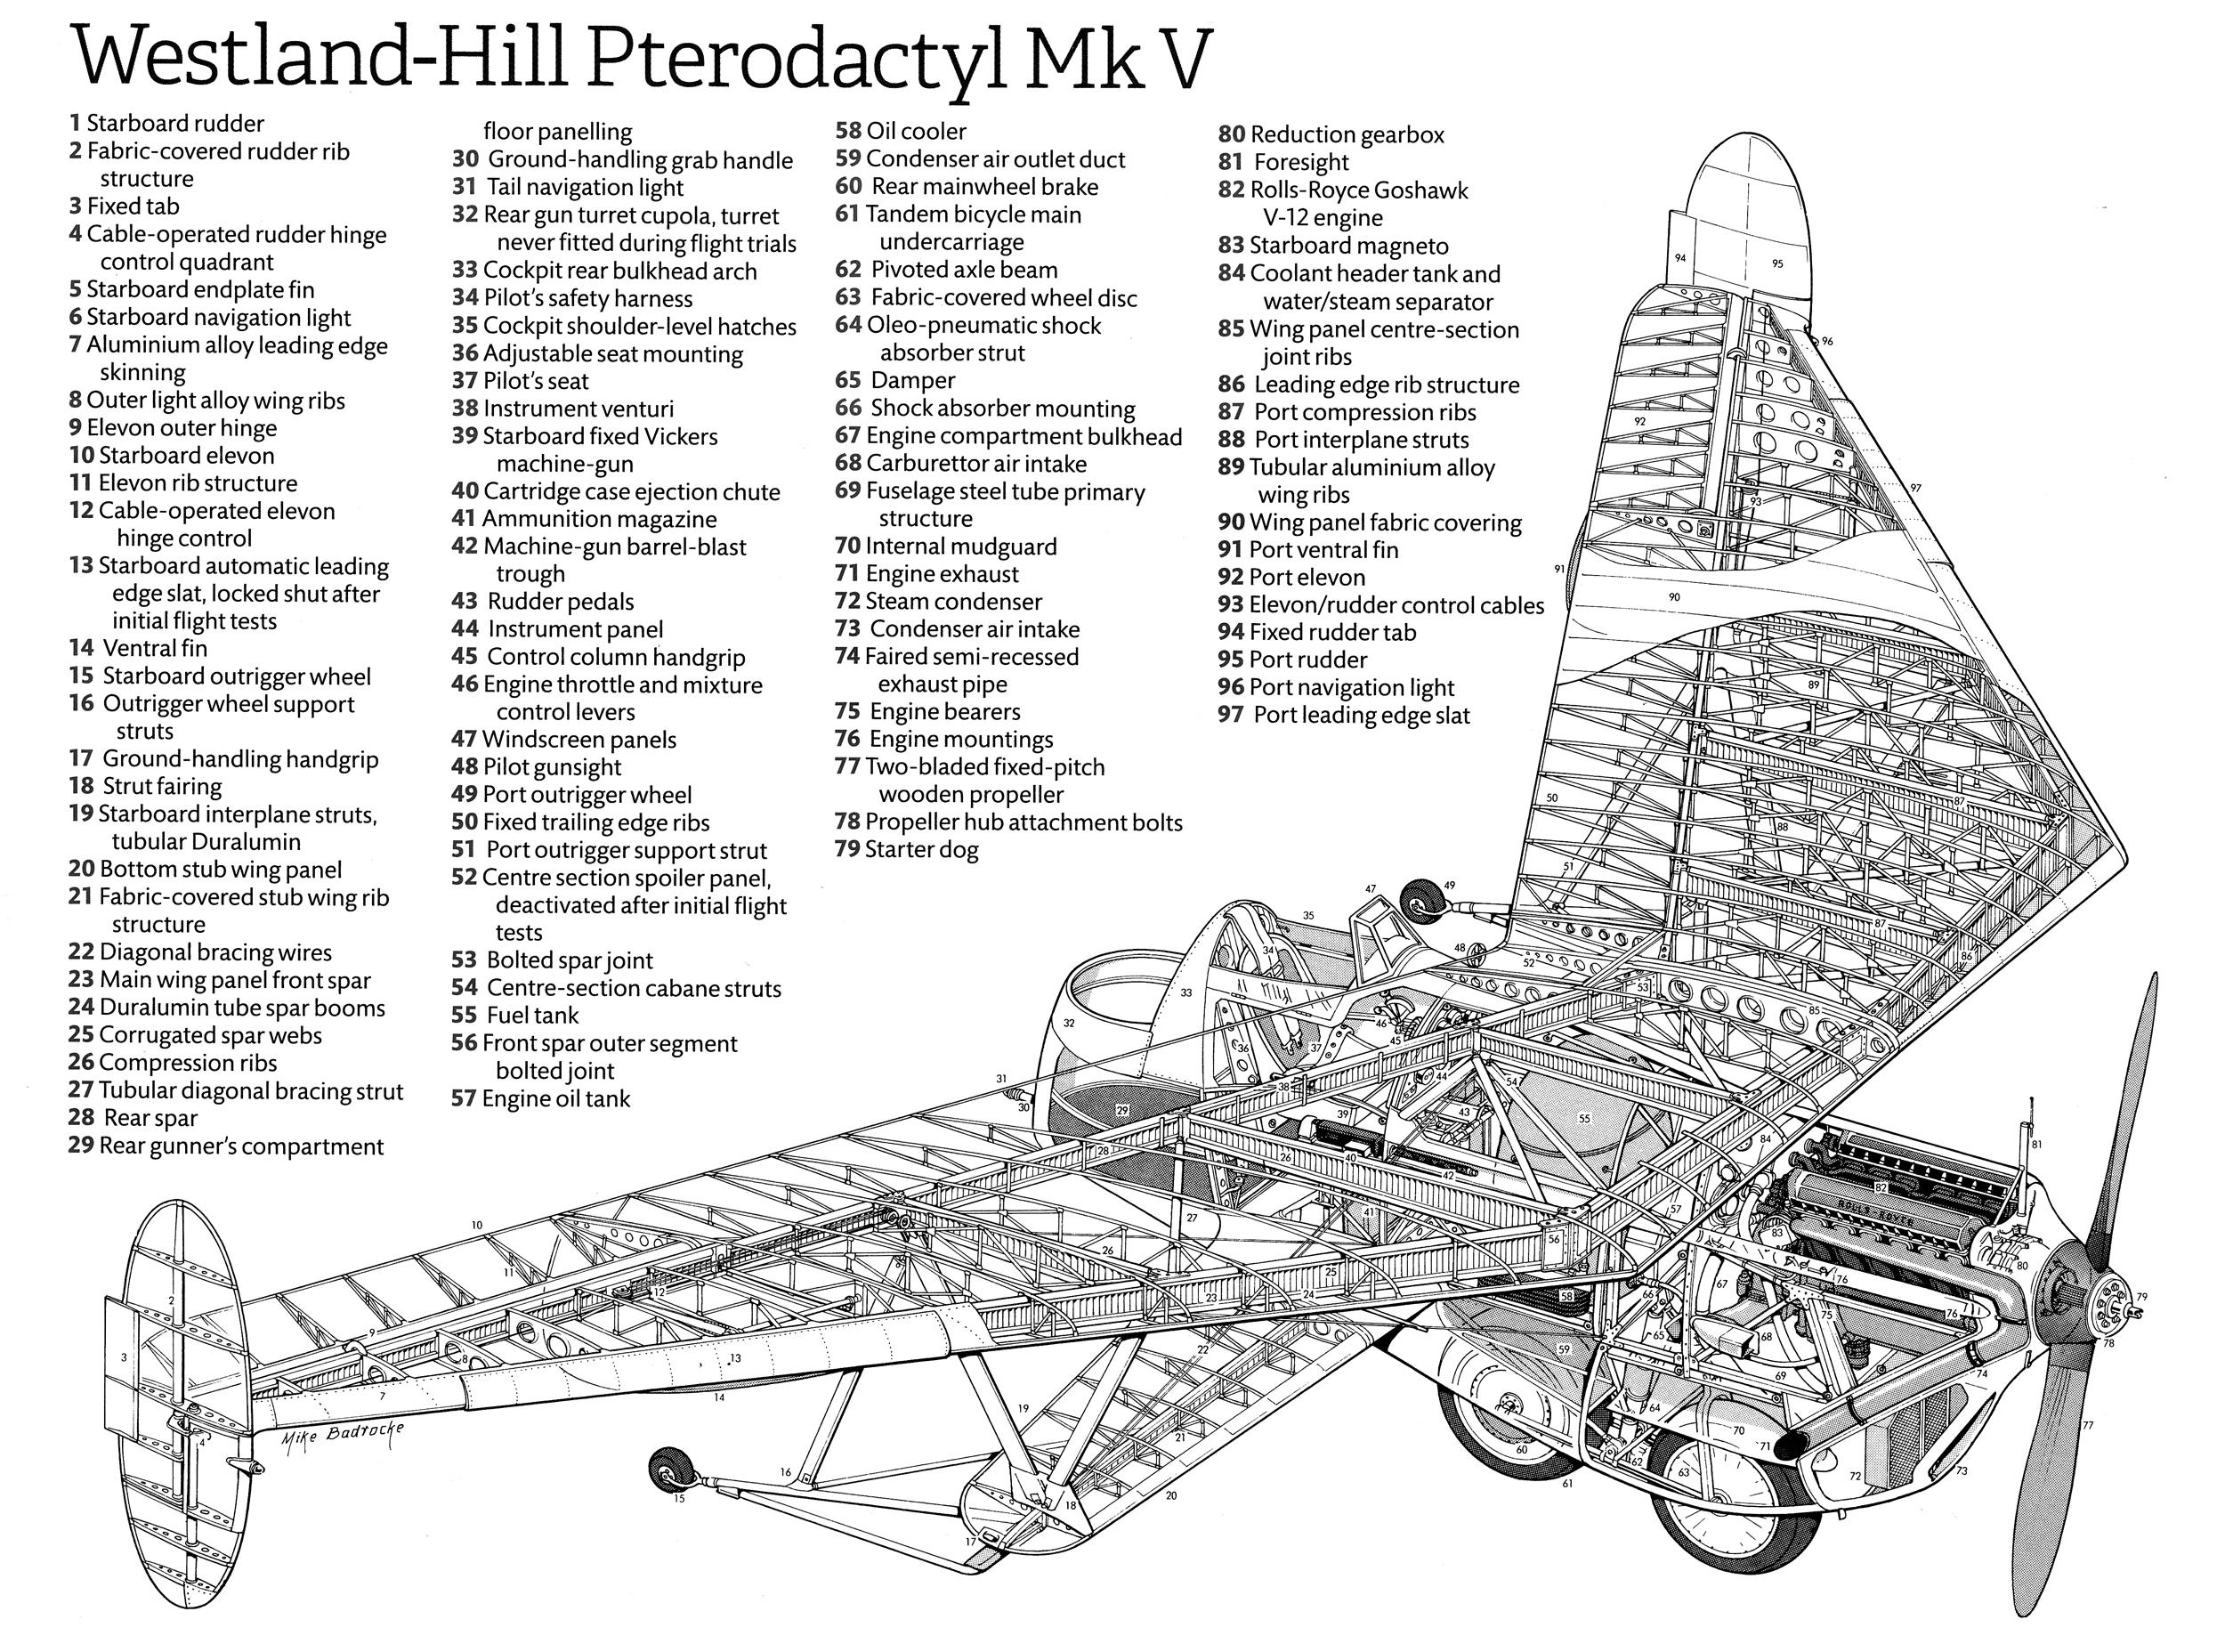 Cutaway Westland Hill Pterodactyl Mk V